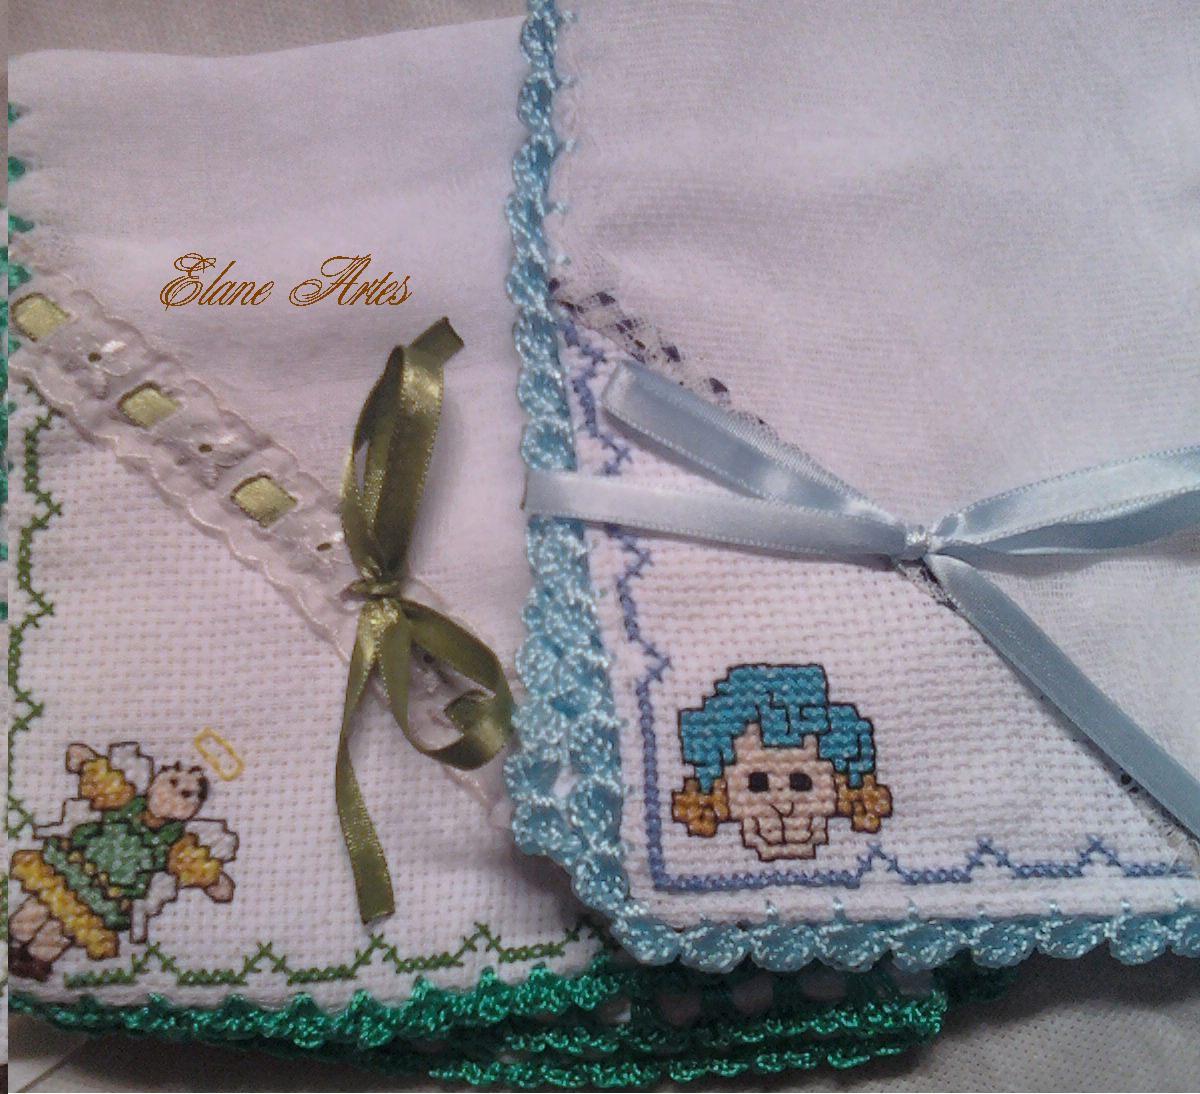 bico de crochet e esquinas em bordado ponto cruz com tema de anjo e